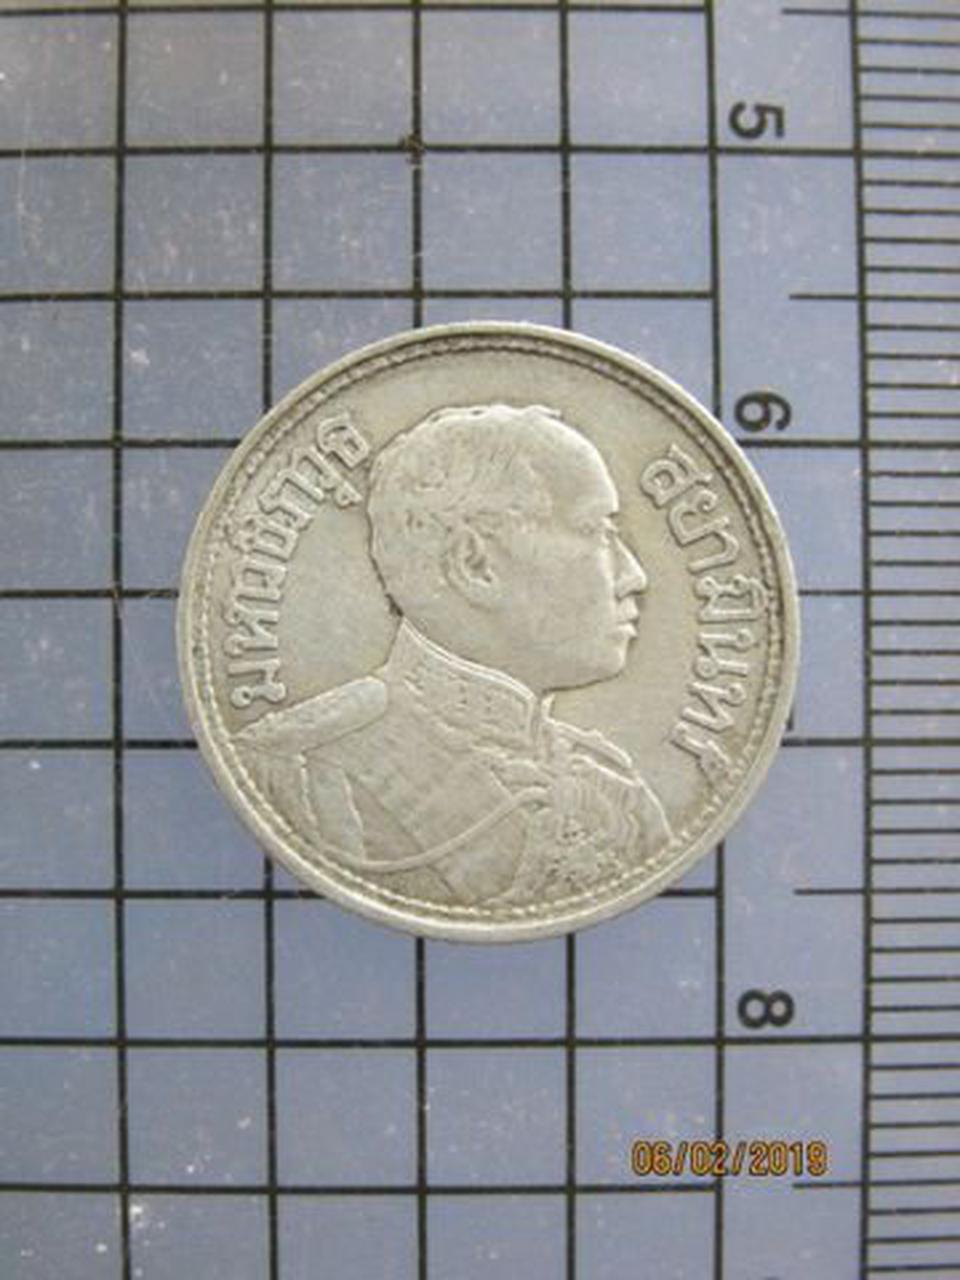 5240 เหรียญ ร.6 เนื้อเงิน 25 สต. ปี2462 ปี2467 ปี2468 สวย เห รูปที่ 1